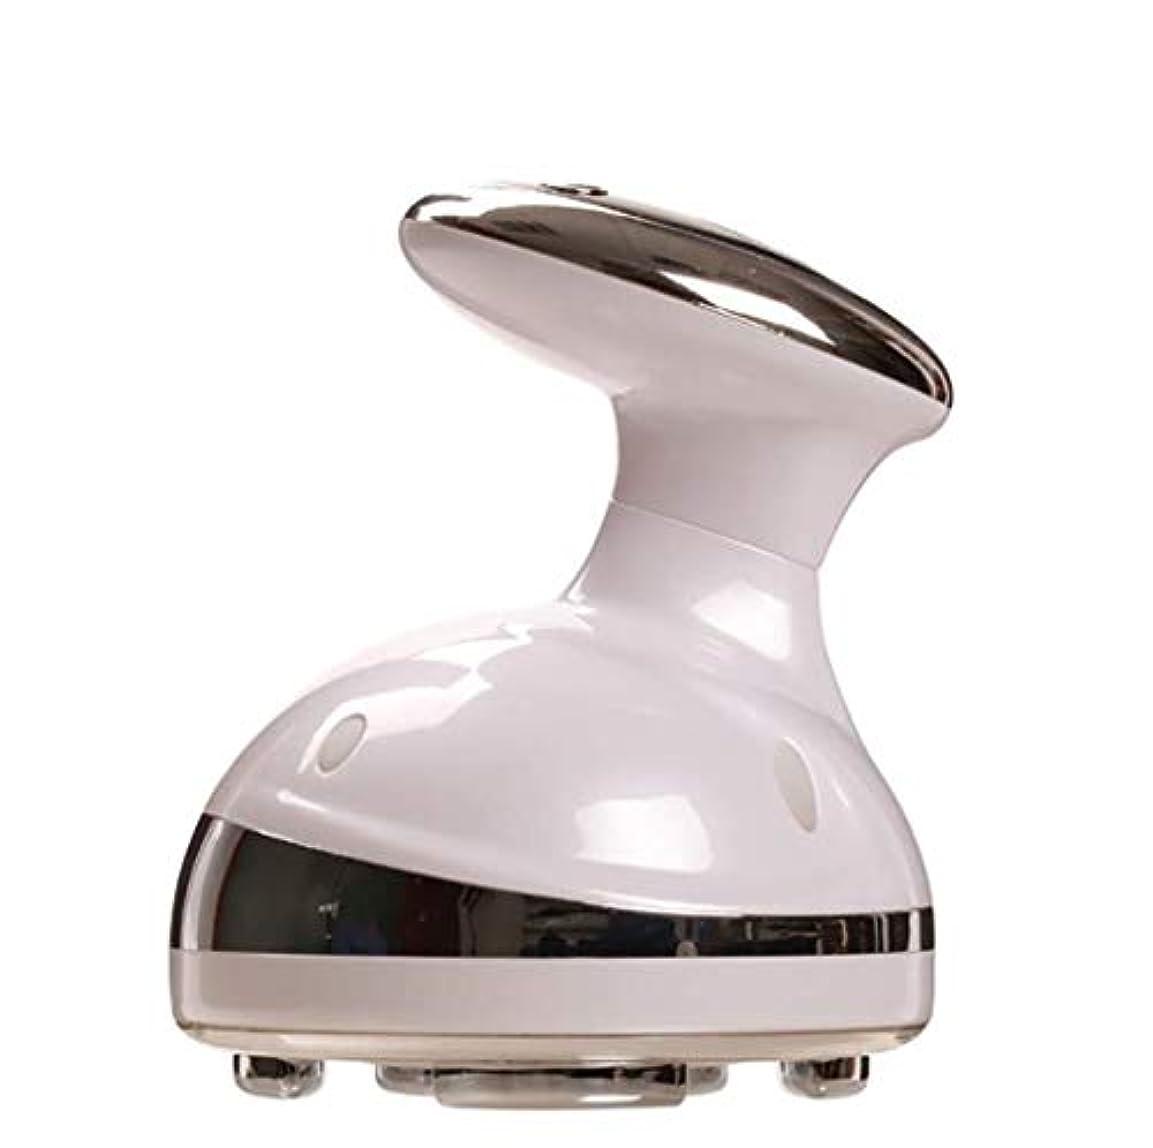 最初はコースピッチャーマッサージャー、多機能ボディ振動マッサージャー、ハンドヘルド減量マッサージャー、ホームオフィススポーツスマートLCDディスプレイ、ユニセックス (Color : 白)